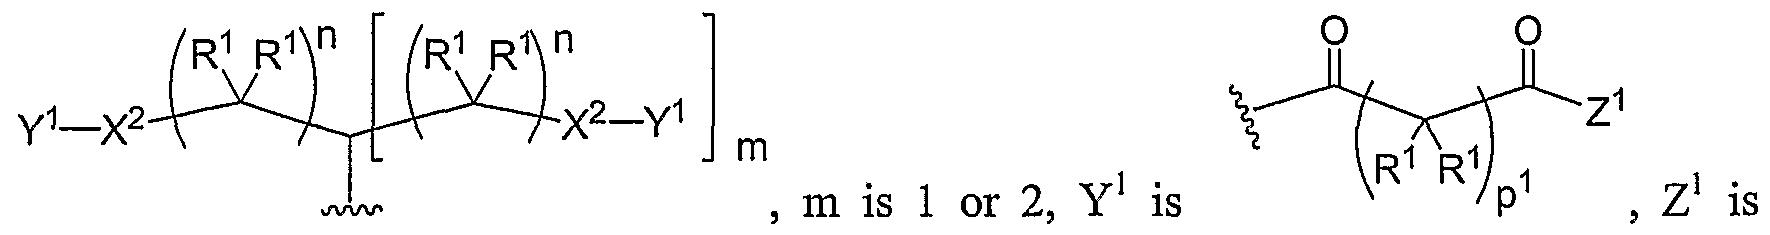 Figure imgf000369_0006